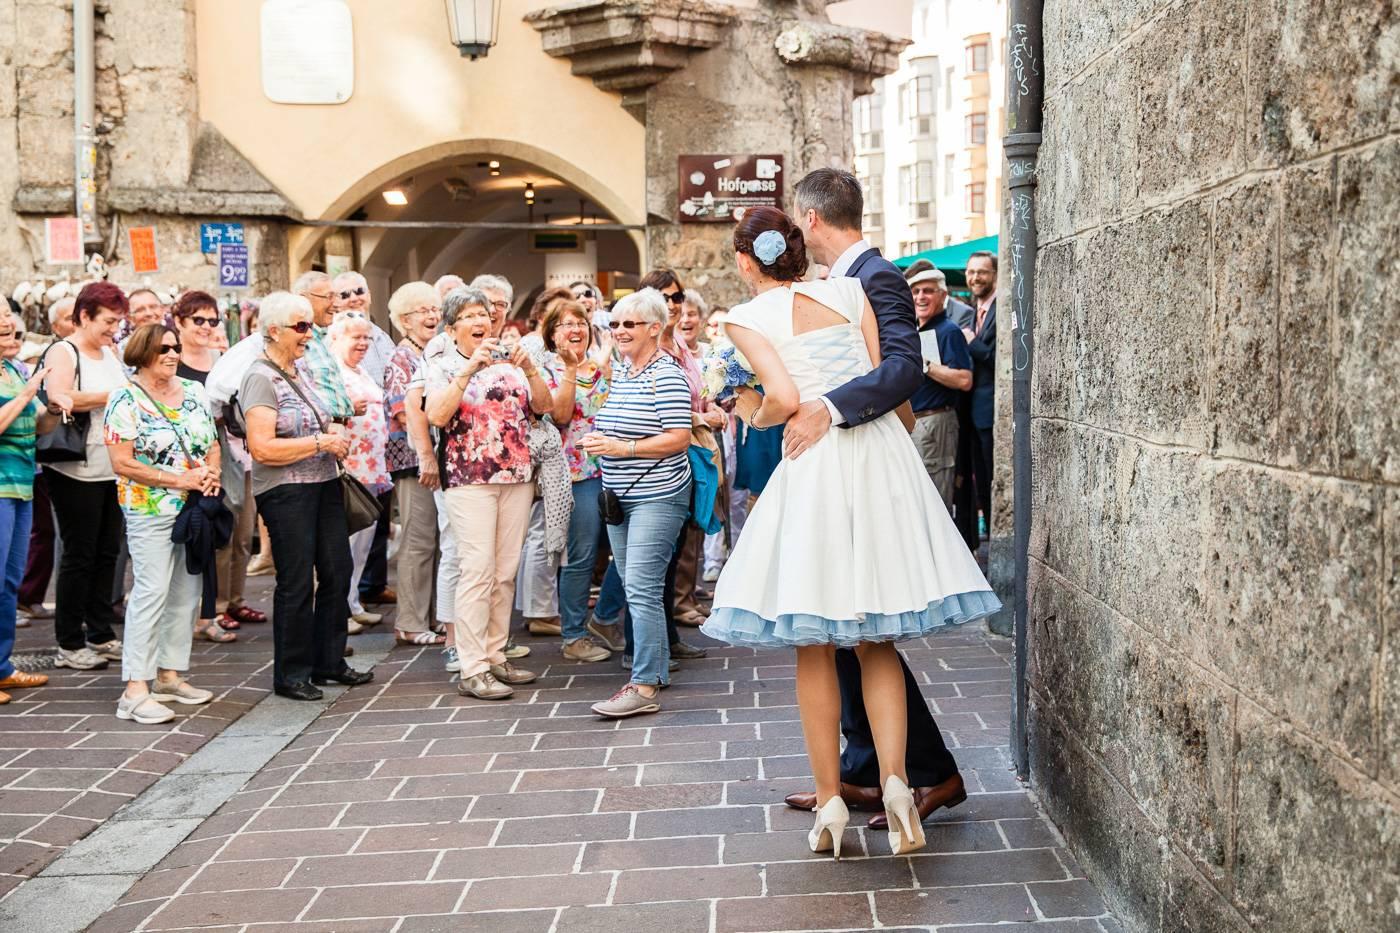 aschenputtel-hochzeitsfotograf-touristengruppe-tirol-innsbruck